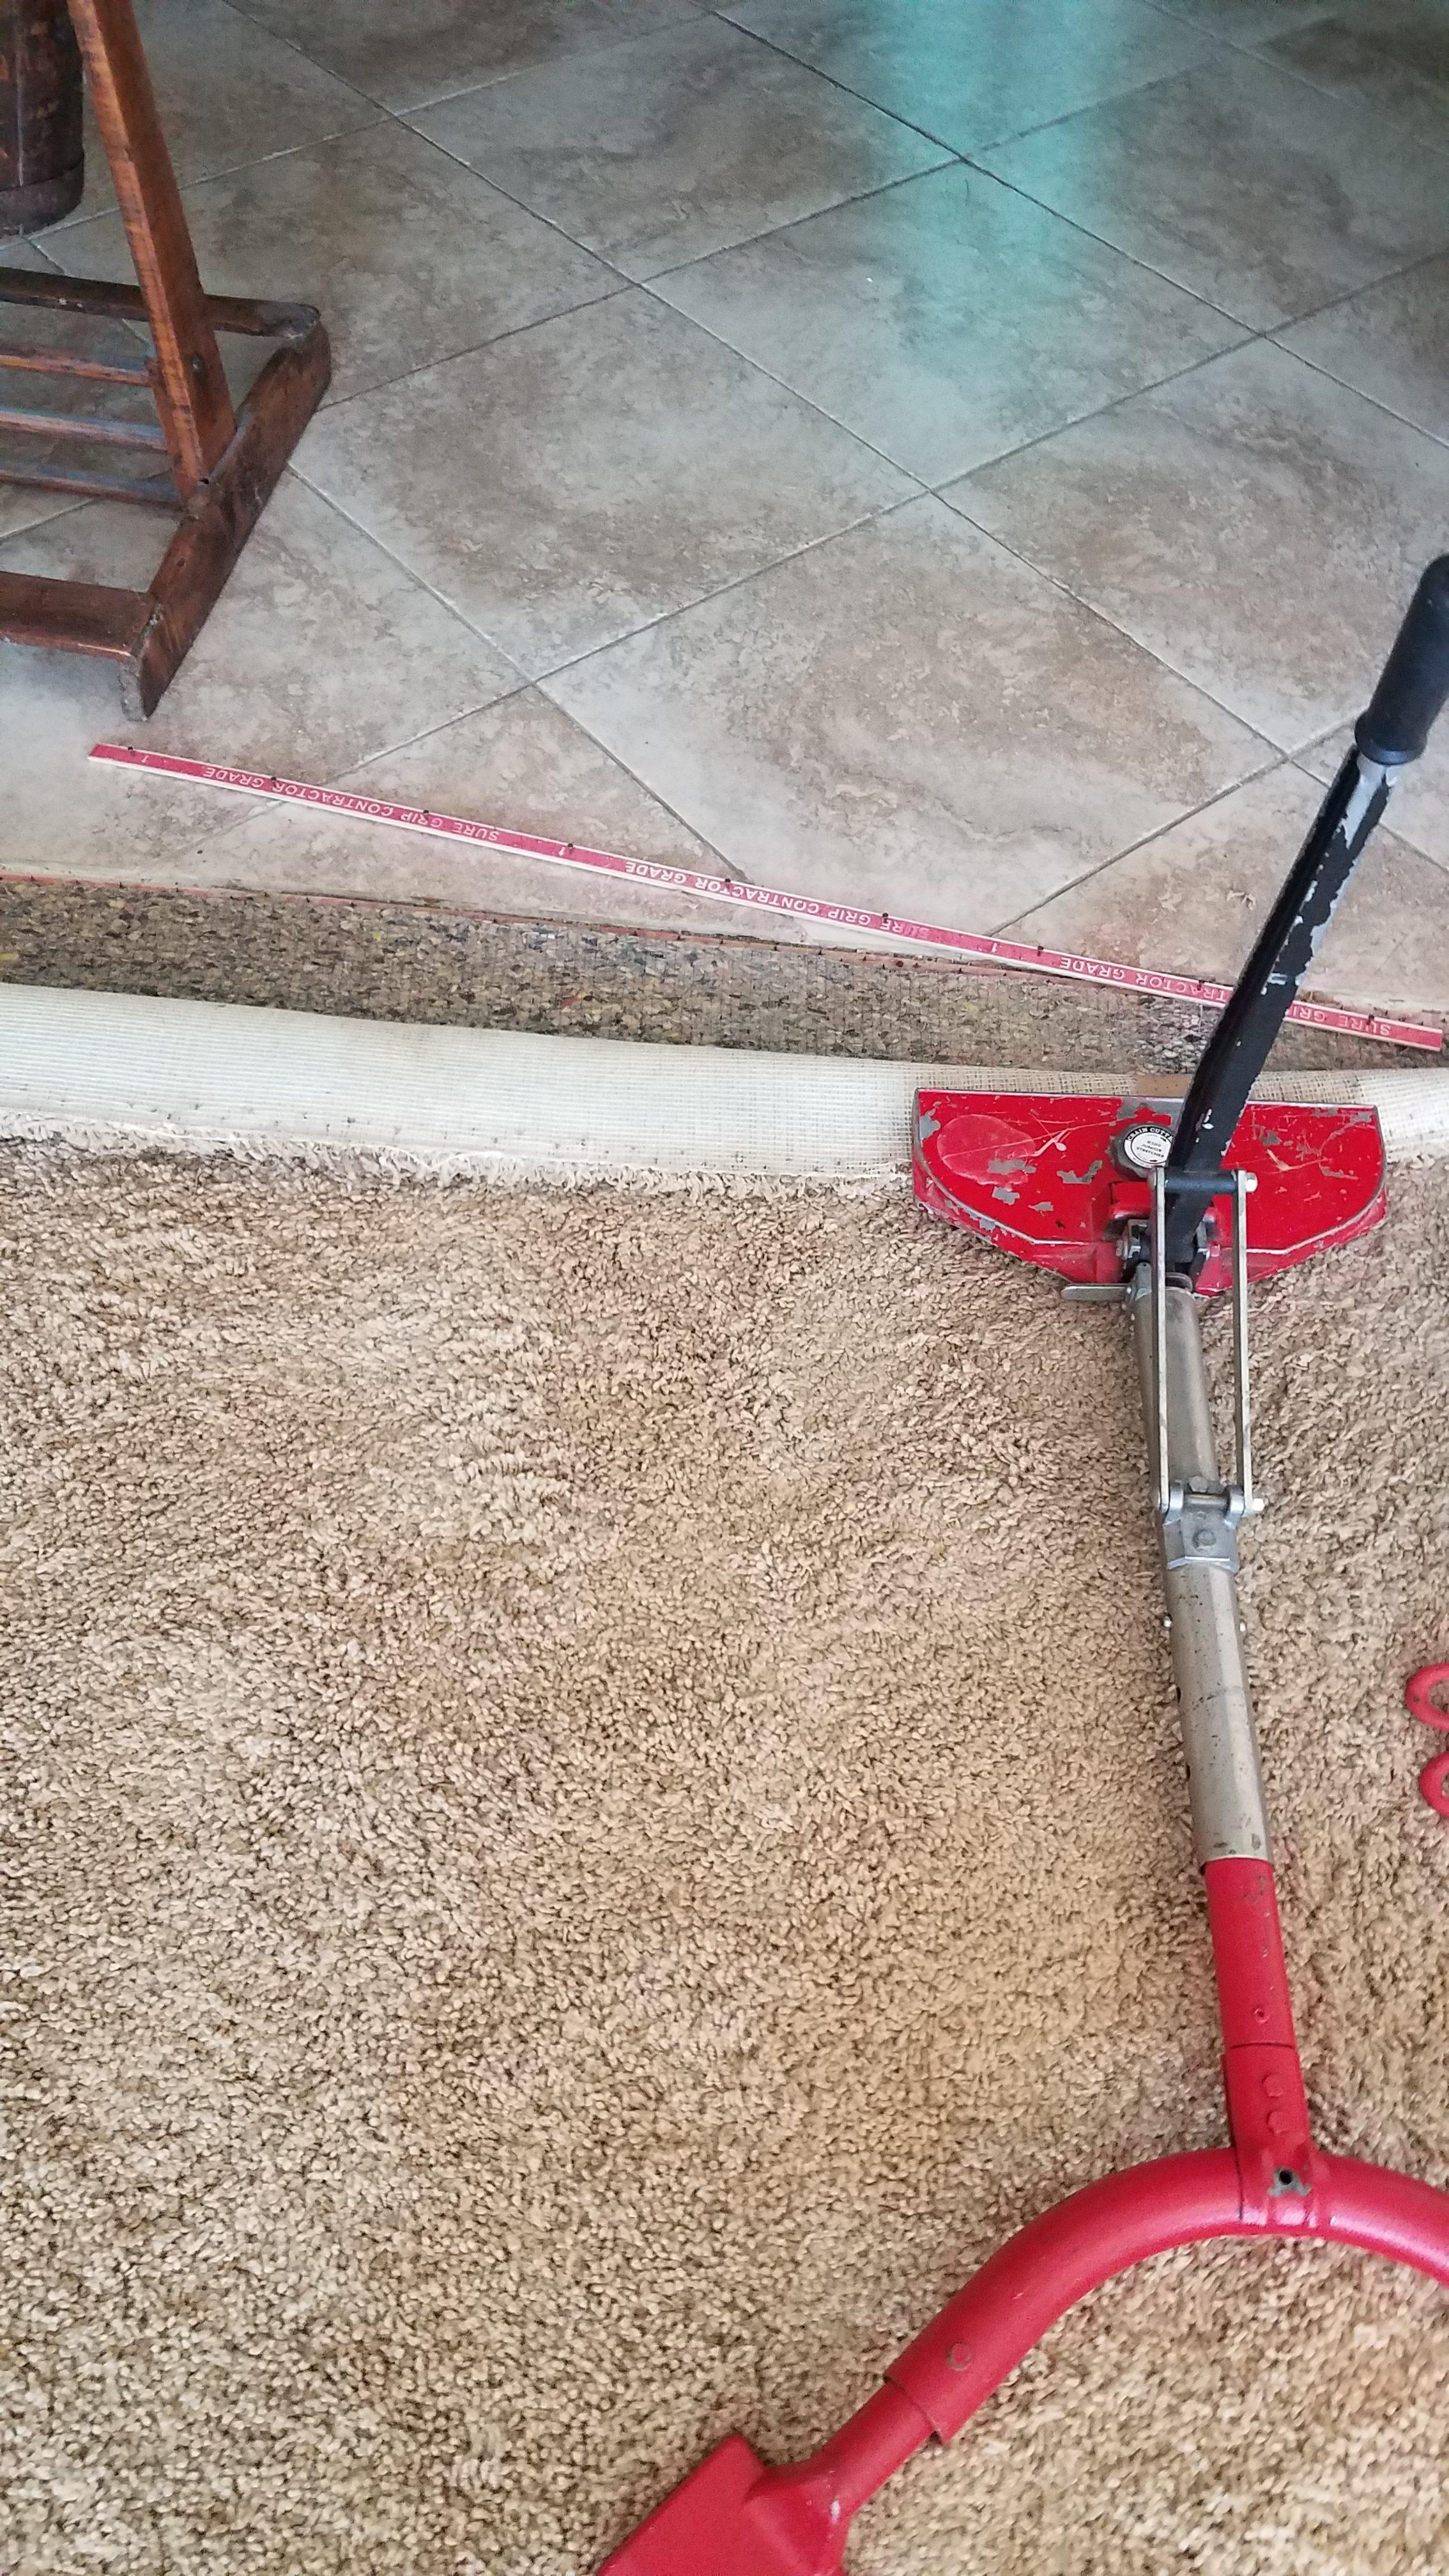 Carpet coming up repair